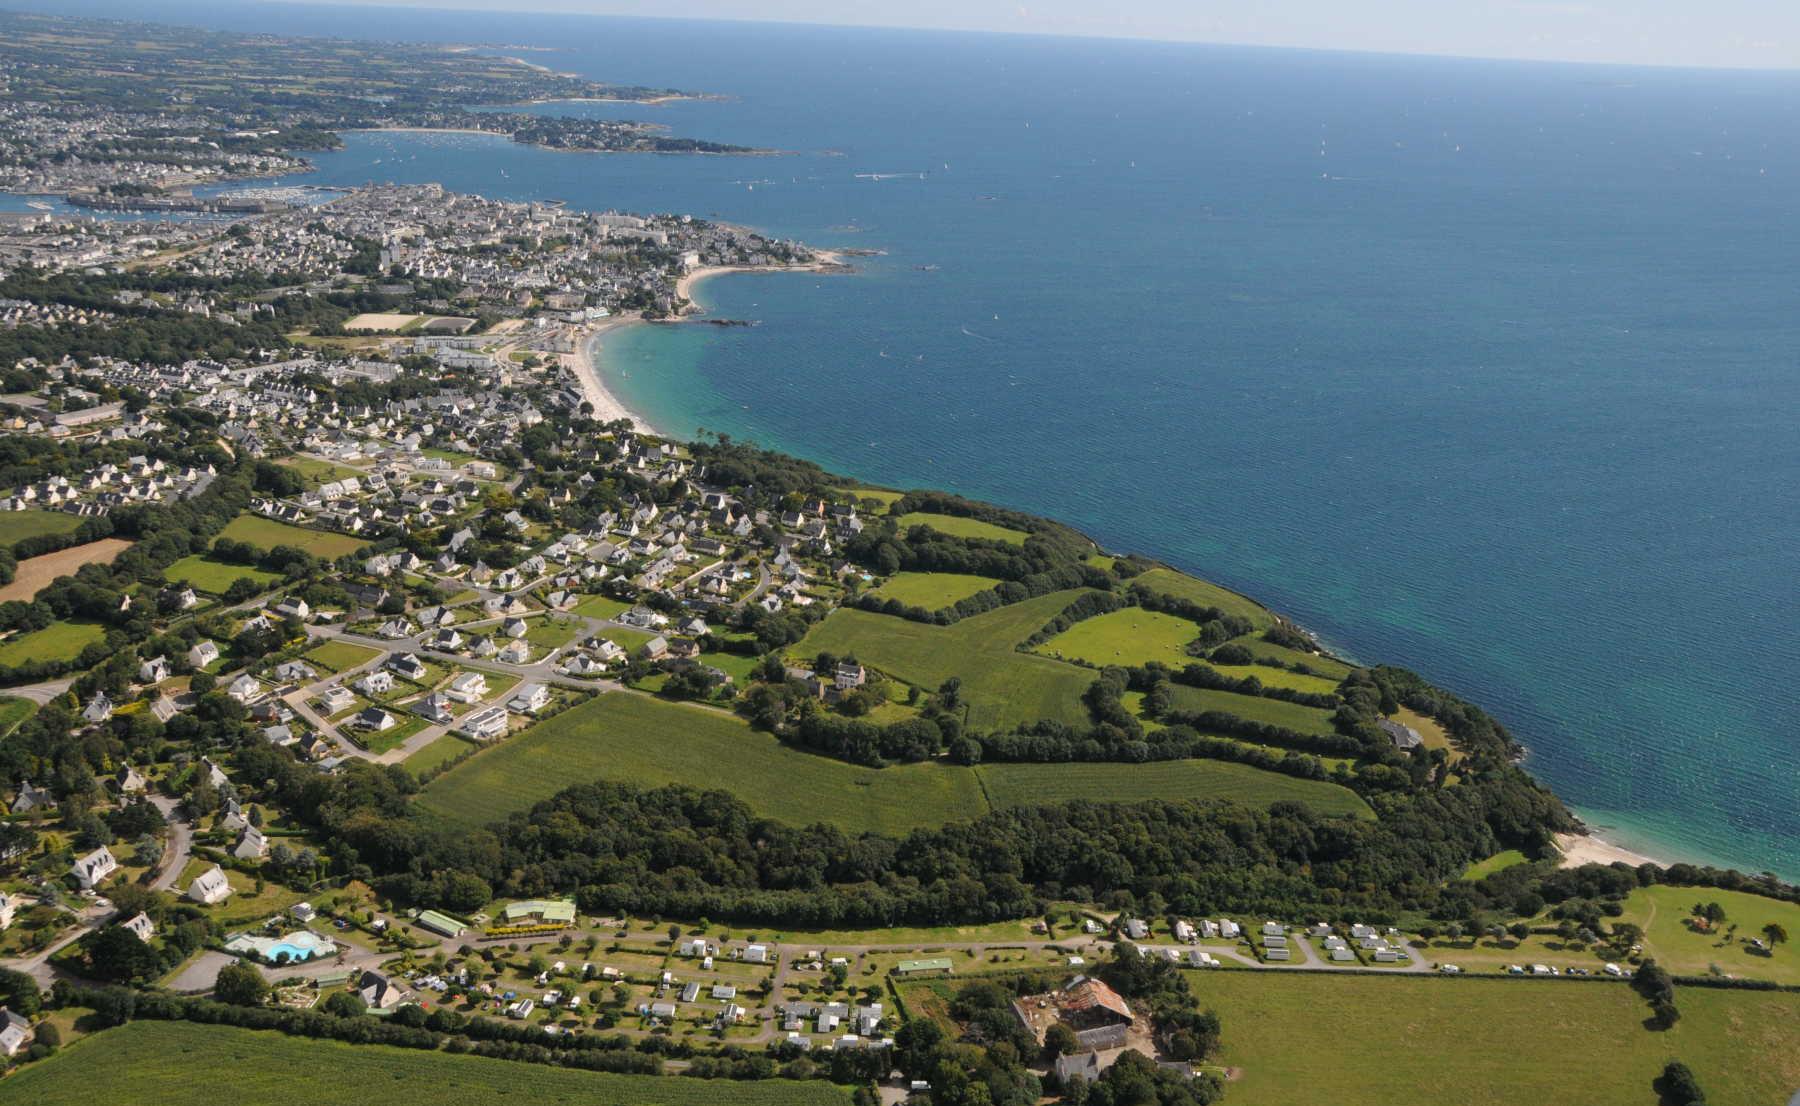 Camping - Concarneau - Bretagne - Les Prés Verts aux 4 Sardines